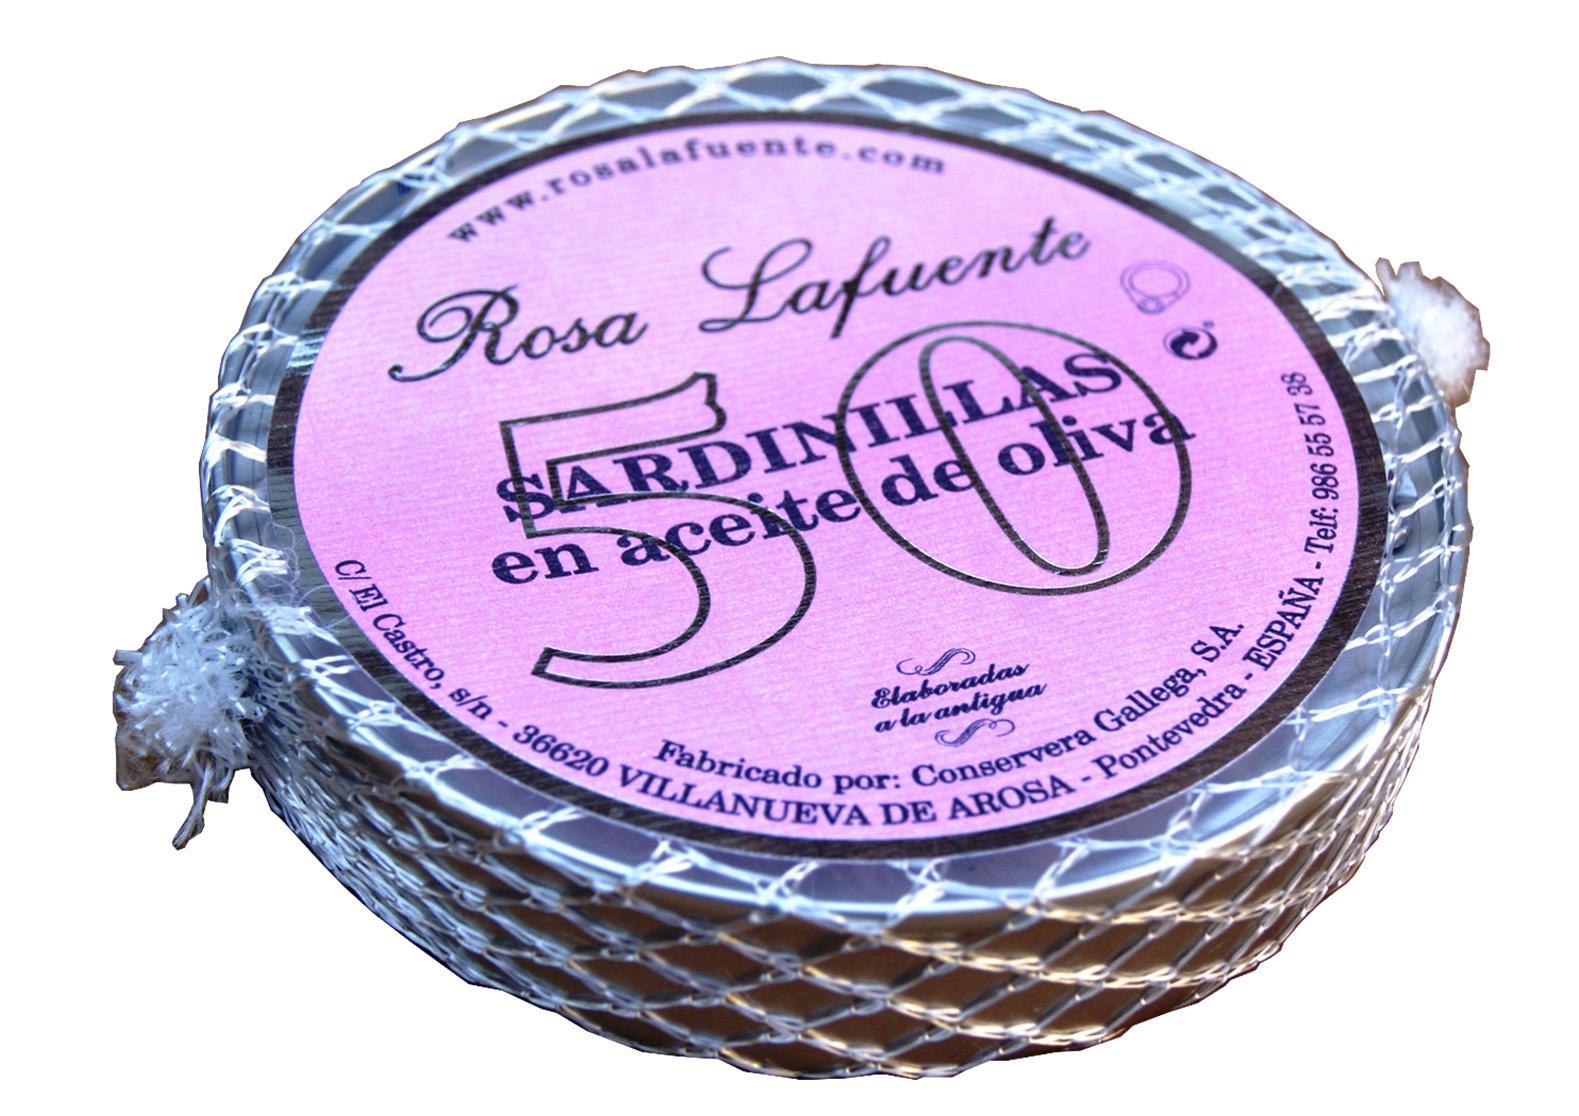 50 Petites sardines à l'huile d'olive - Rosa Lafuente - Conserves de poissons de Galice